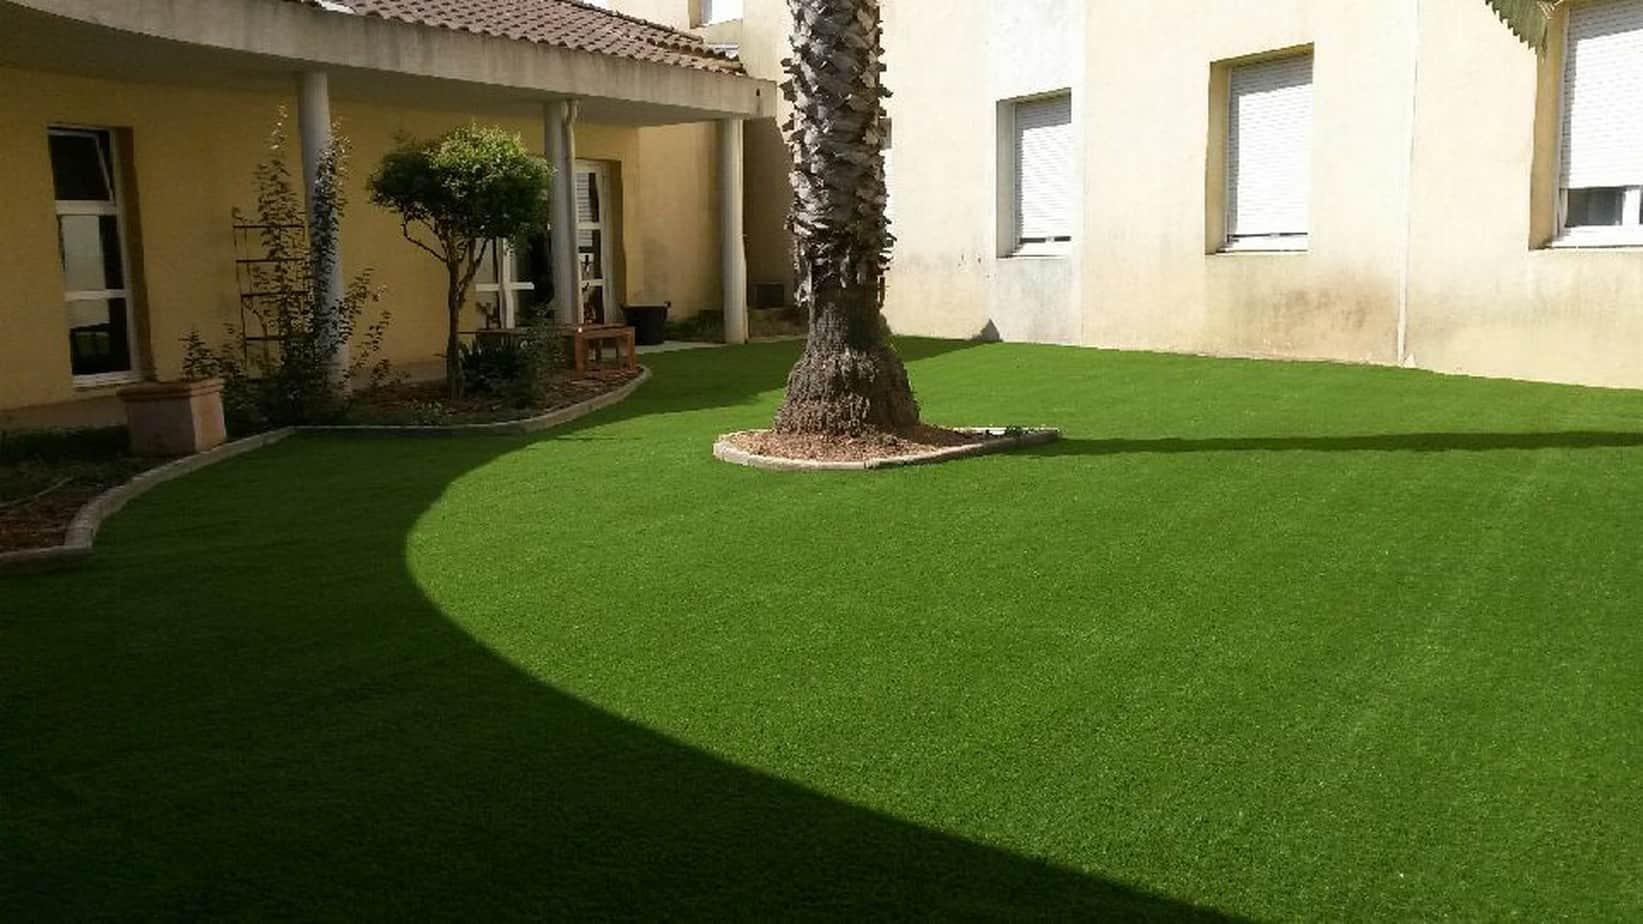 pose d 39 une pelouse artificielle toulon ambiance gazon. Black Bedroom Furniture Sets. Home Design Ideas